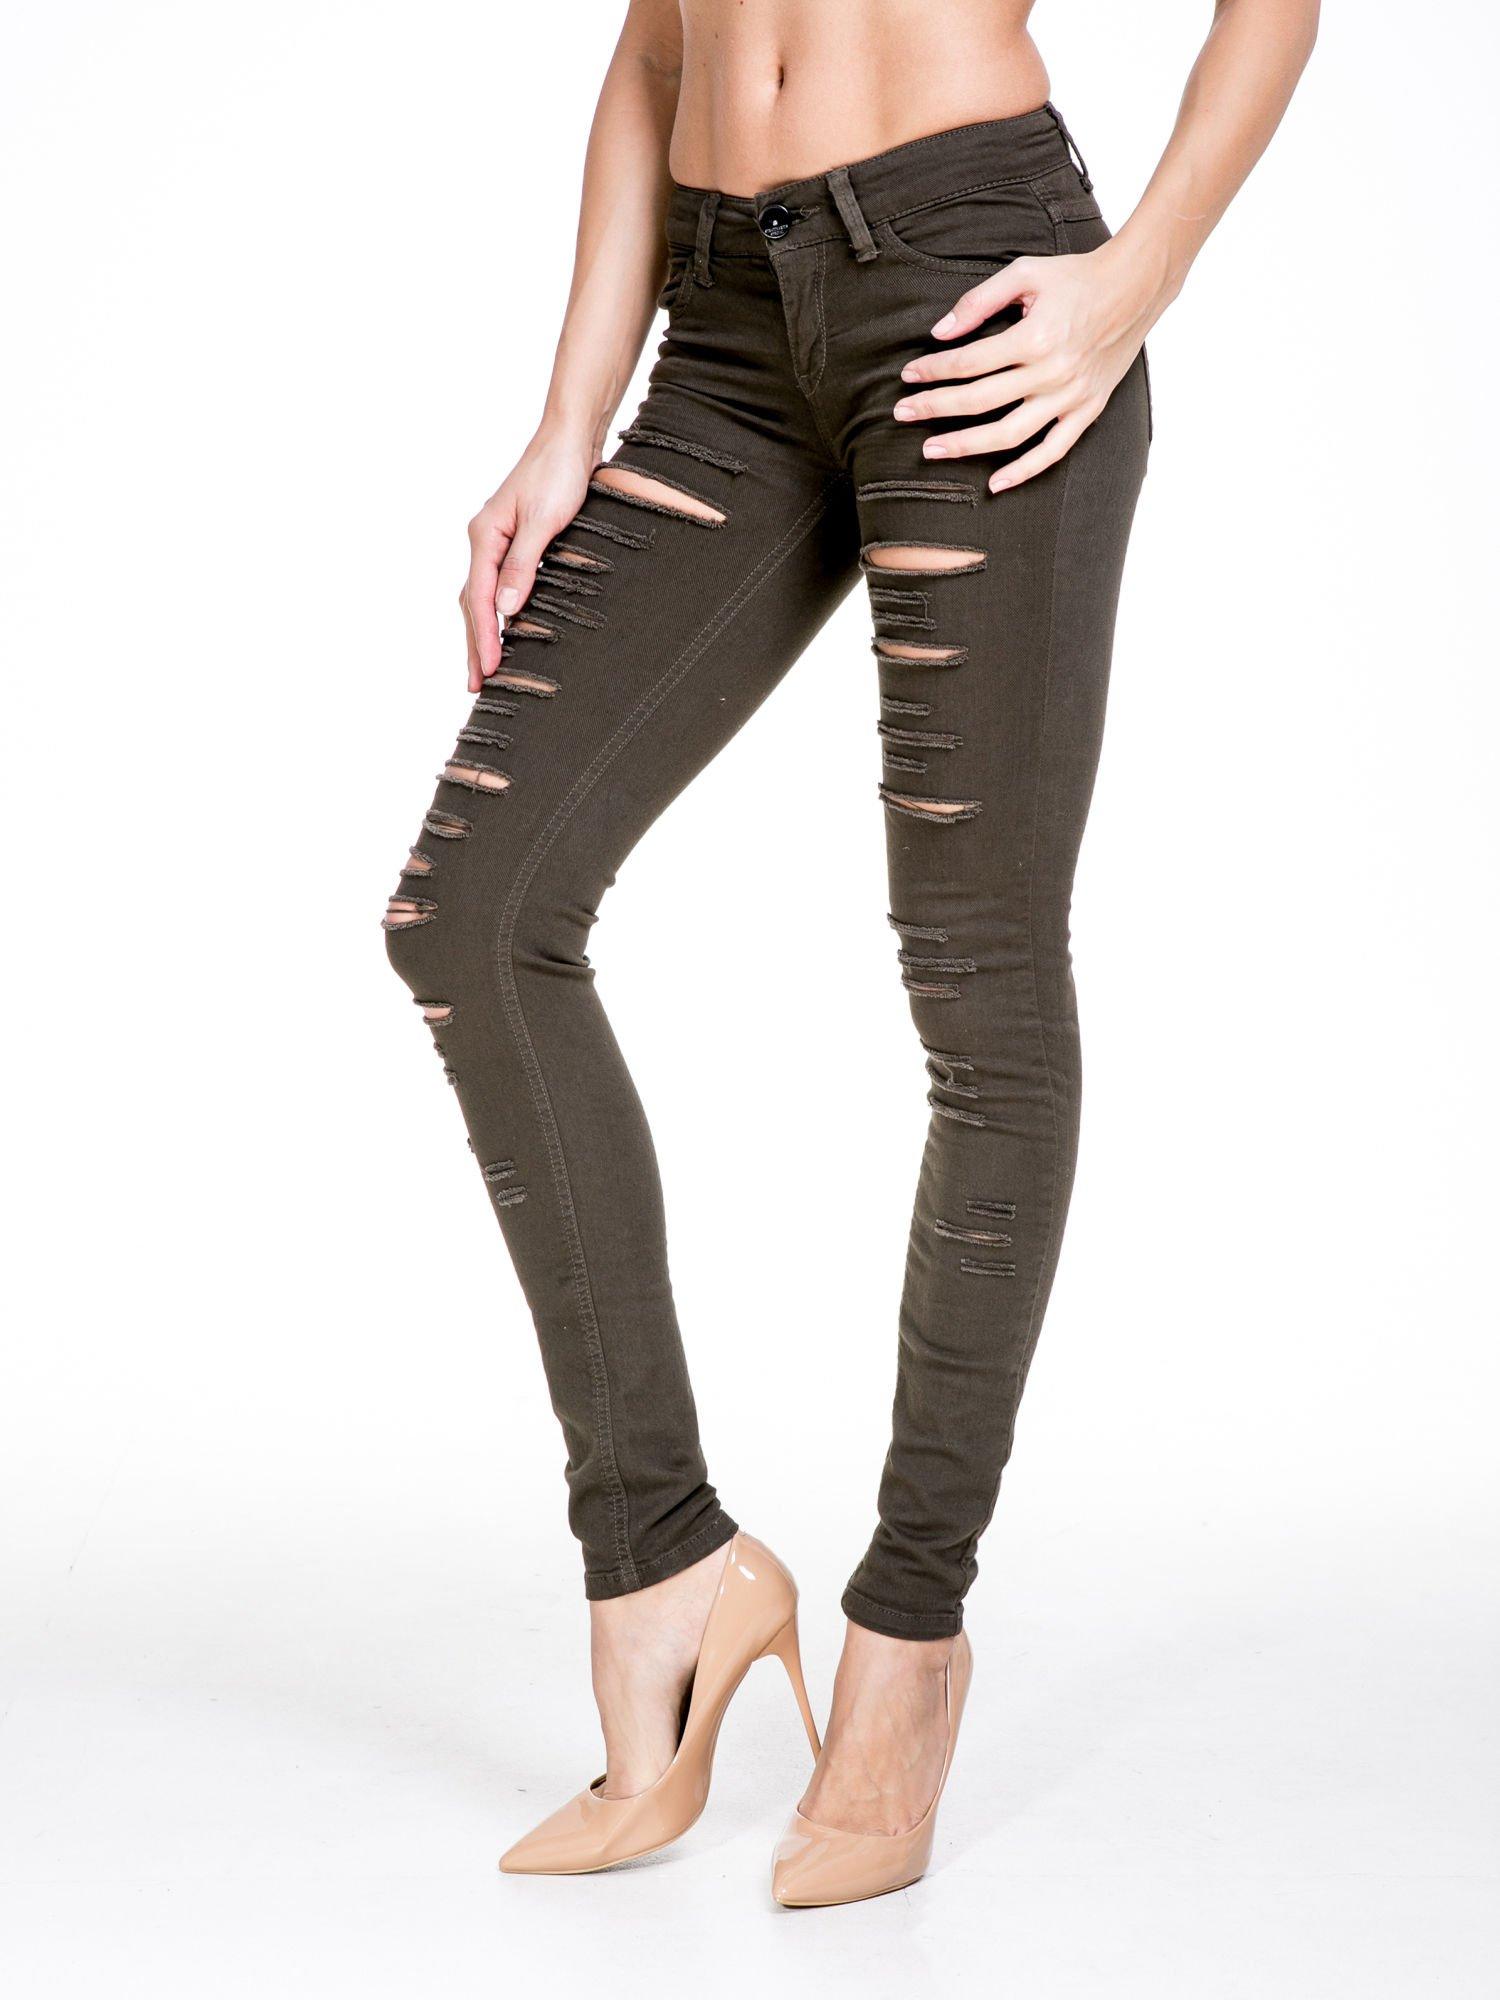 Khaki spodnie typu trash jeans                                  zdj.                                  1